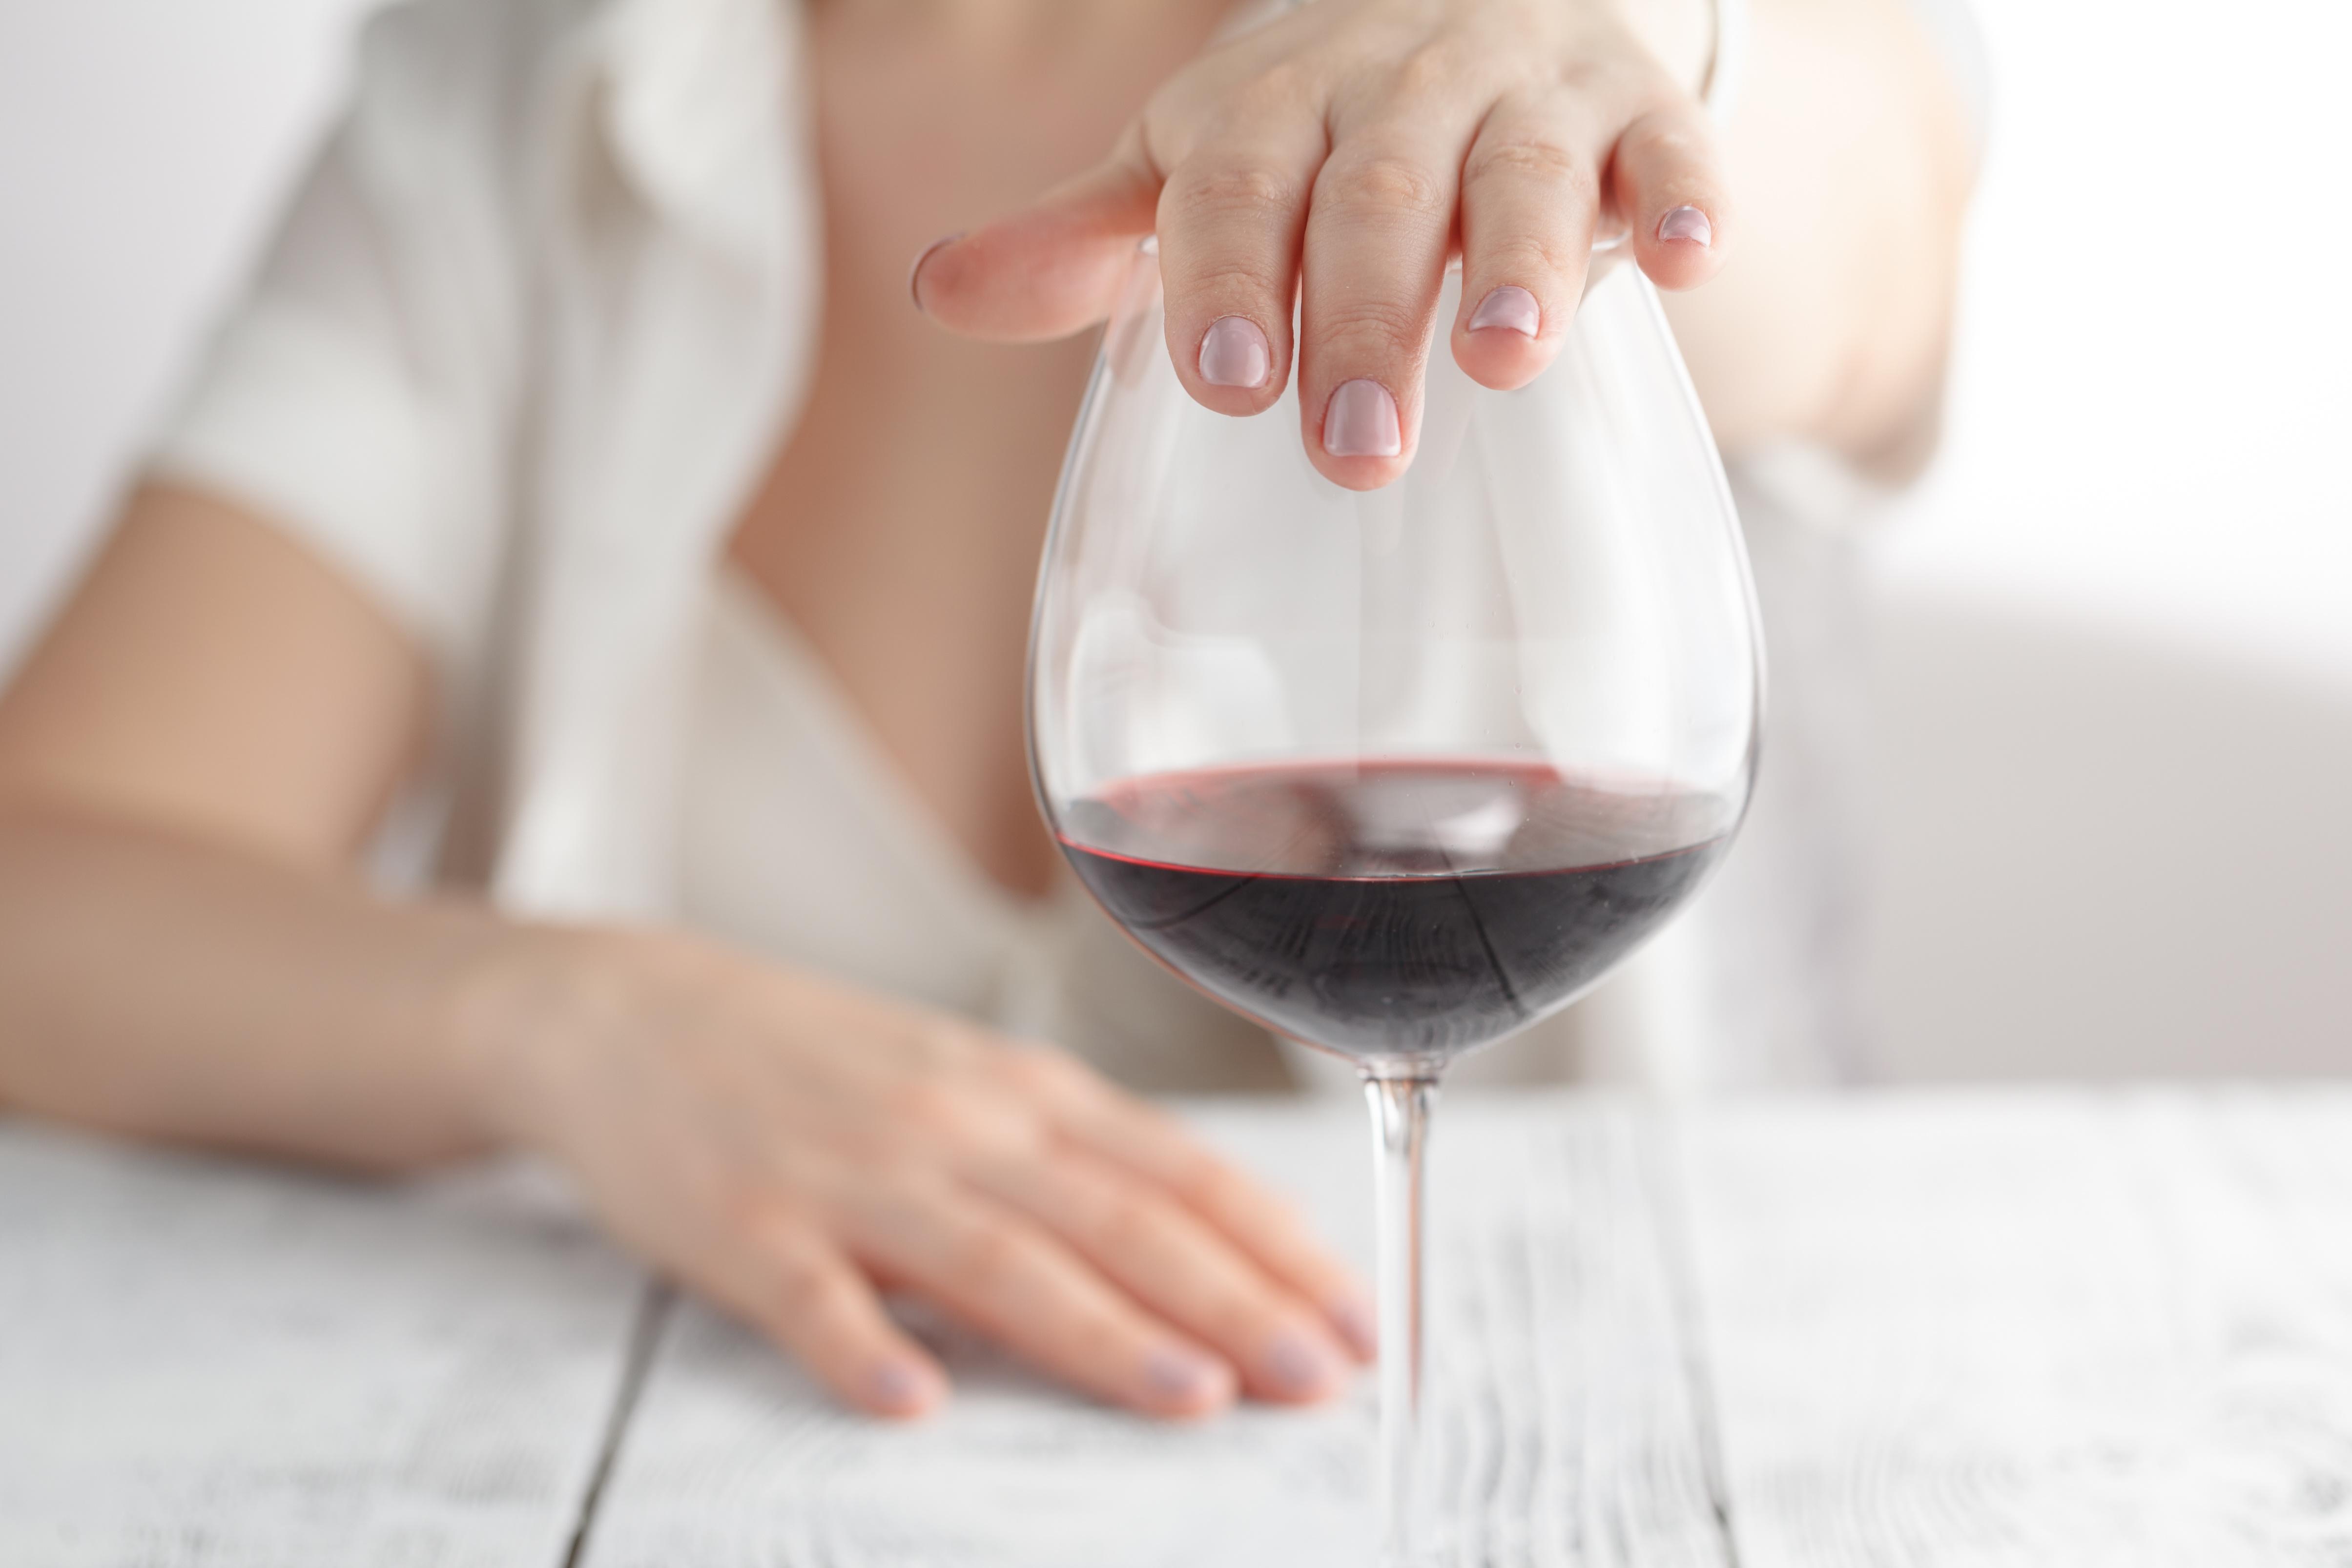 La tendance de la consommation excessive d'alcool est à la hausse chez les femmes, indépendamment du statut parental